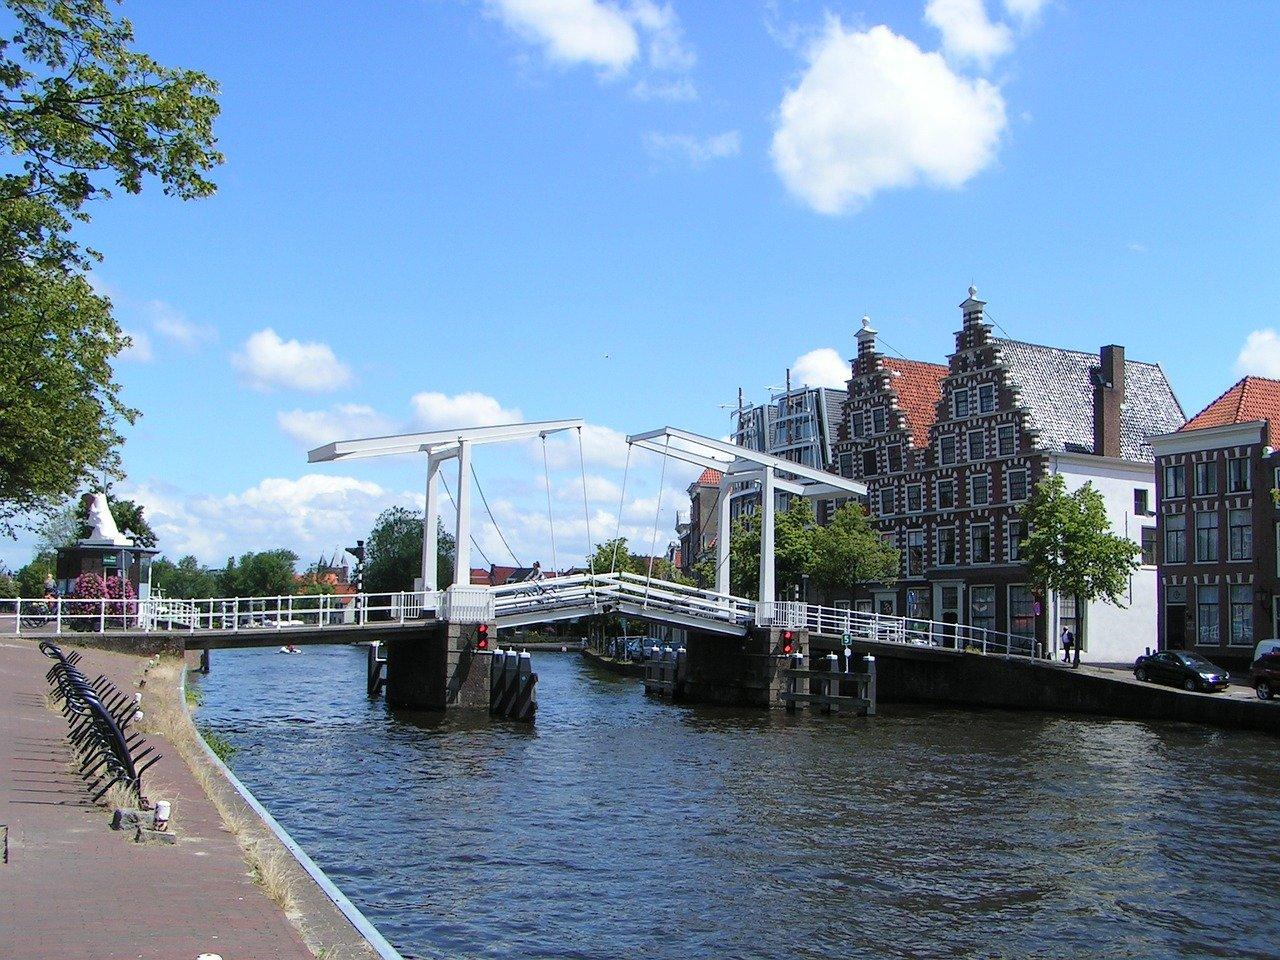 Schuldhulpverlening Haarlem